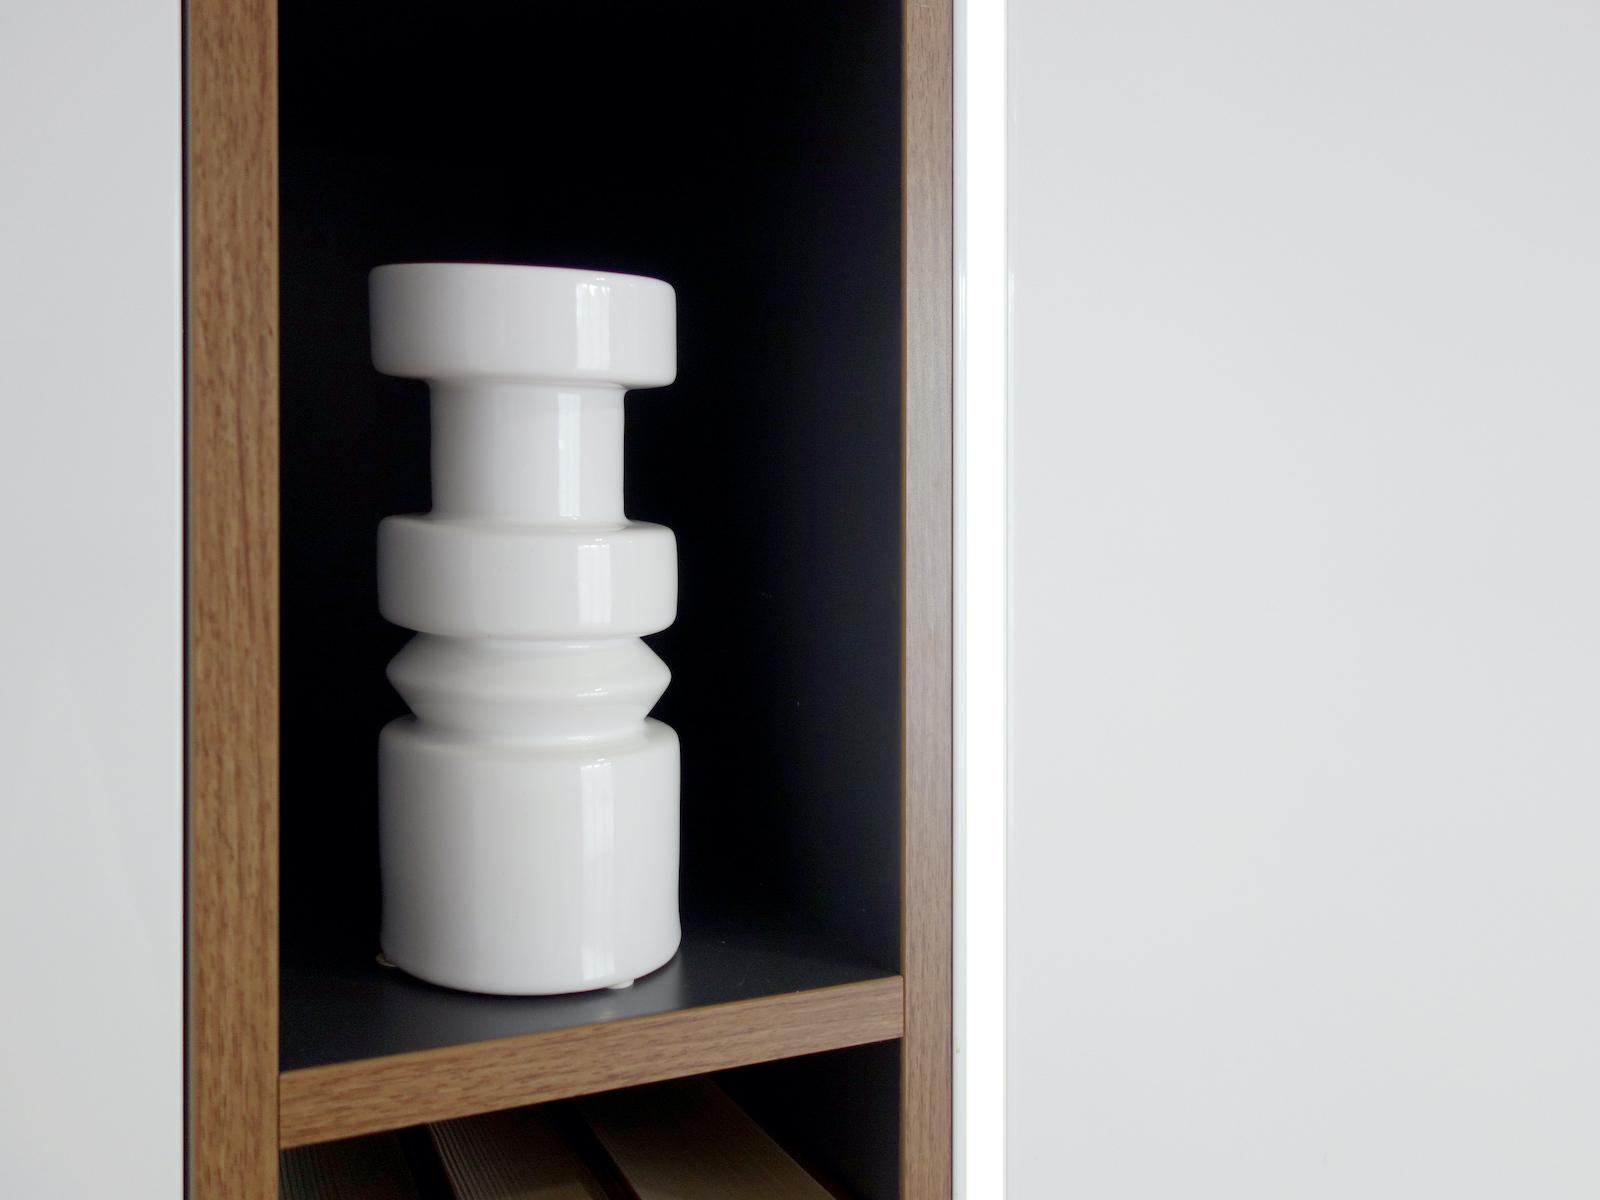 7 projektant wnetrz R056 dom dabrowa gornicza detal polka bialy wazon